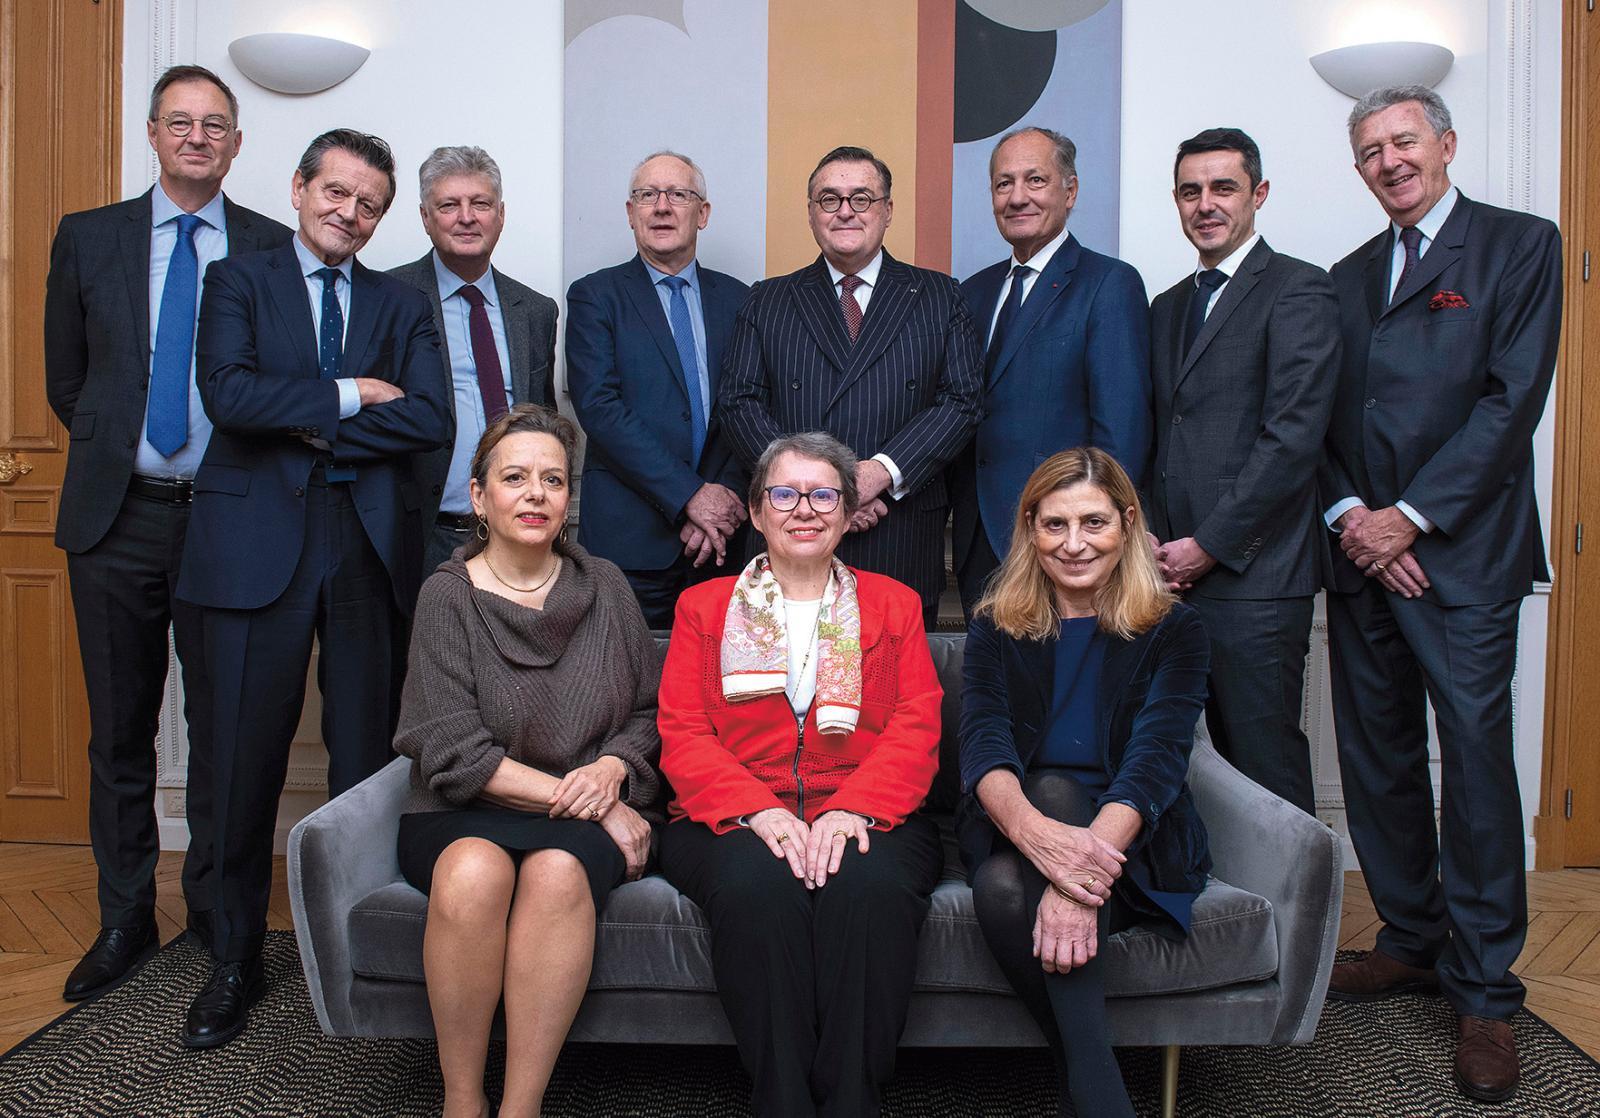 Le nouveau Conseil des ventes volontaires, de gauche à droite et de haut en bas: Dominique Soinne, Frédéric Castaing, François Tajan, Chr